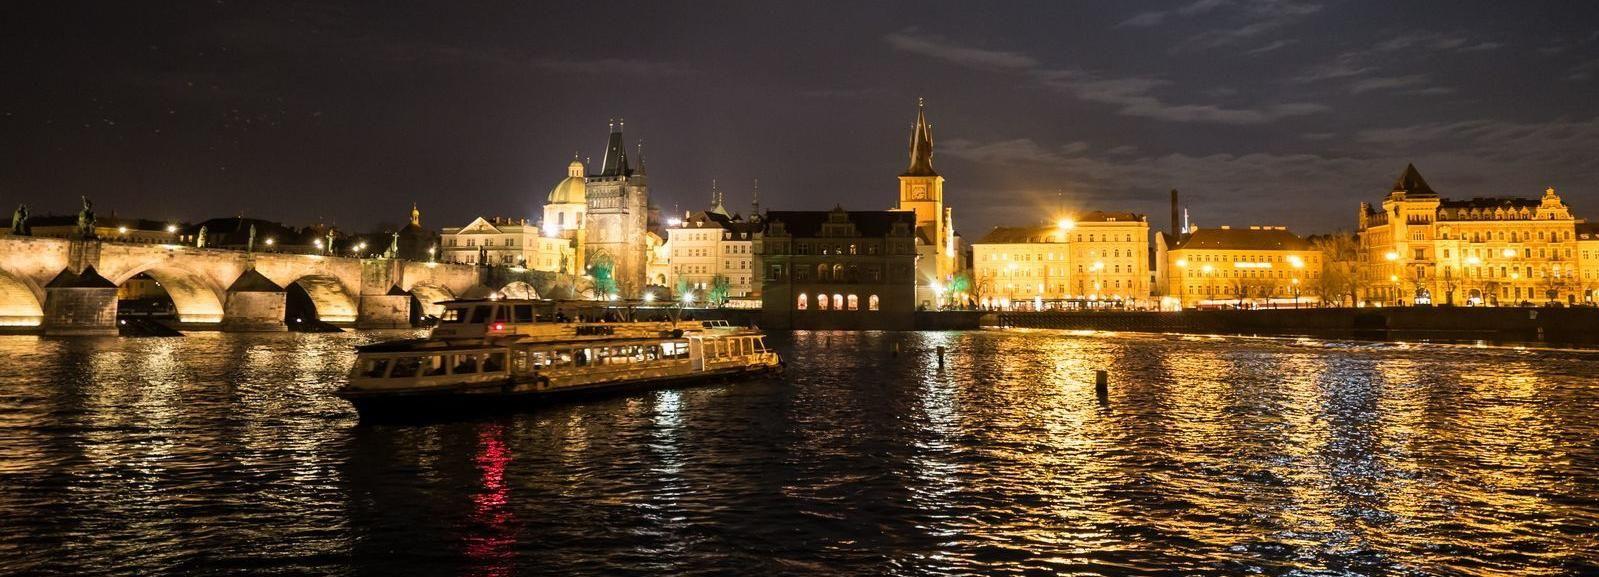 Praga: crucero turístico nocturno de 50 minutos